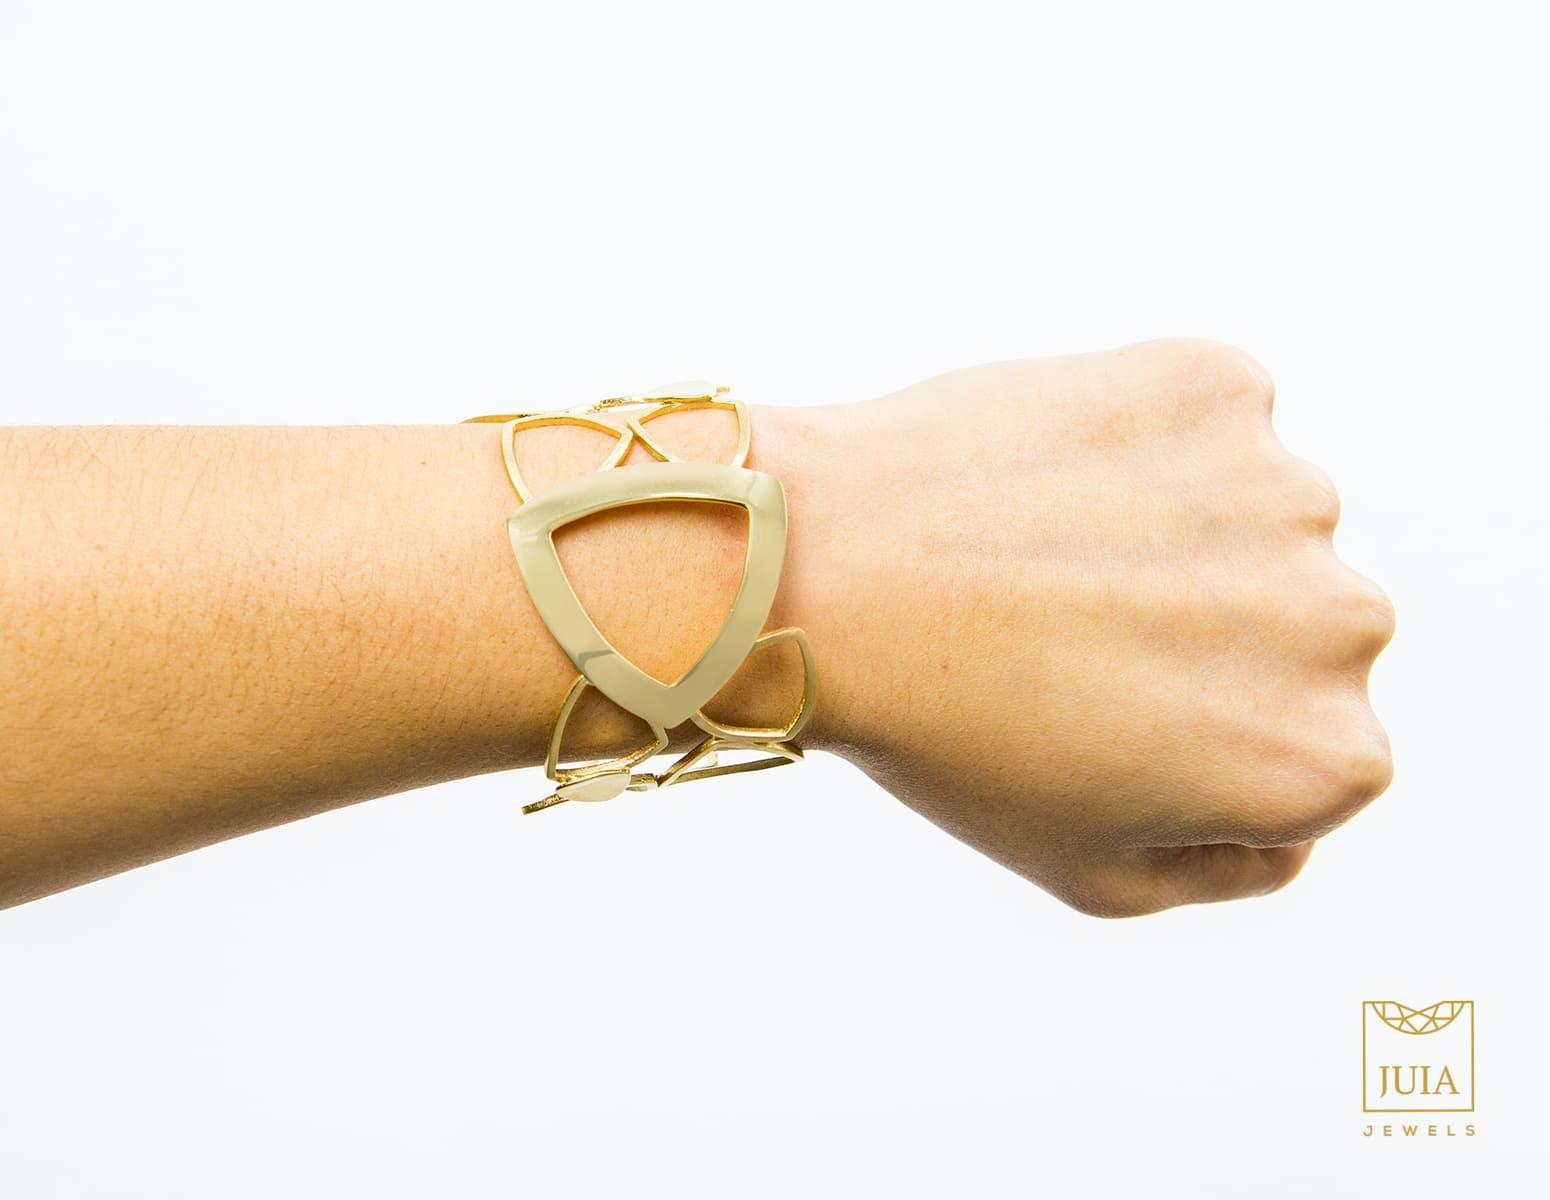 pulseras de plata para mujer, juia jewels barcelona, regalar pulseras de oro de diseño, joyeria etica, fairmined, joyasmarket